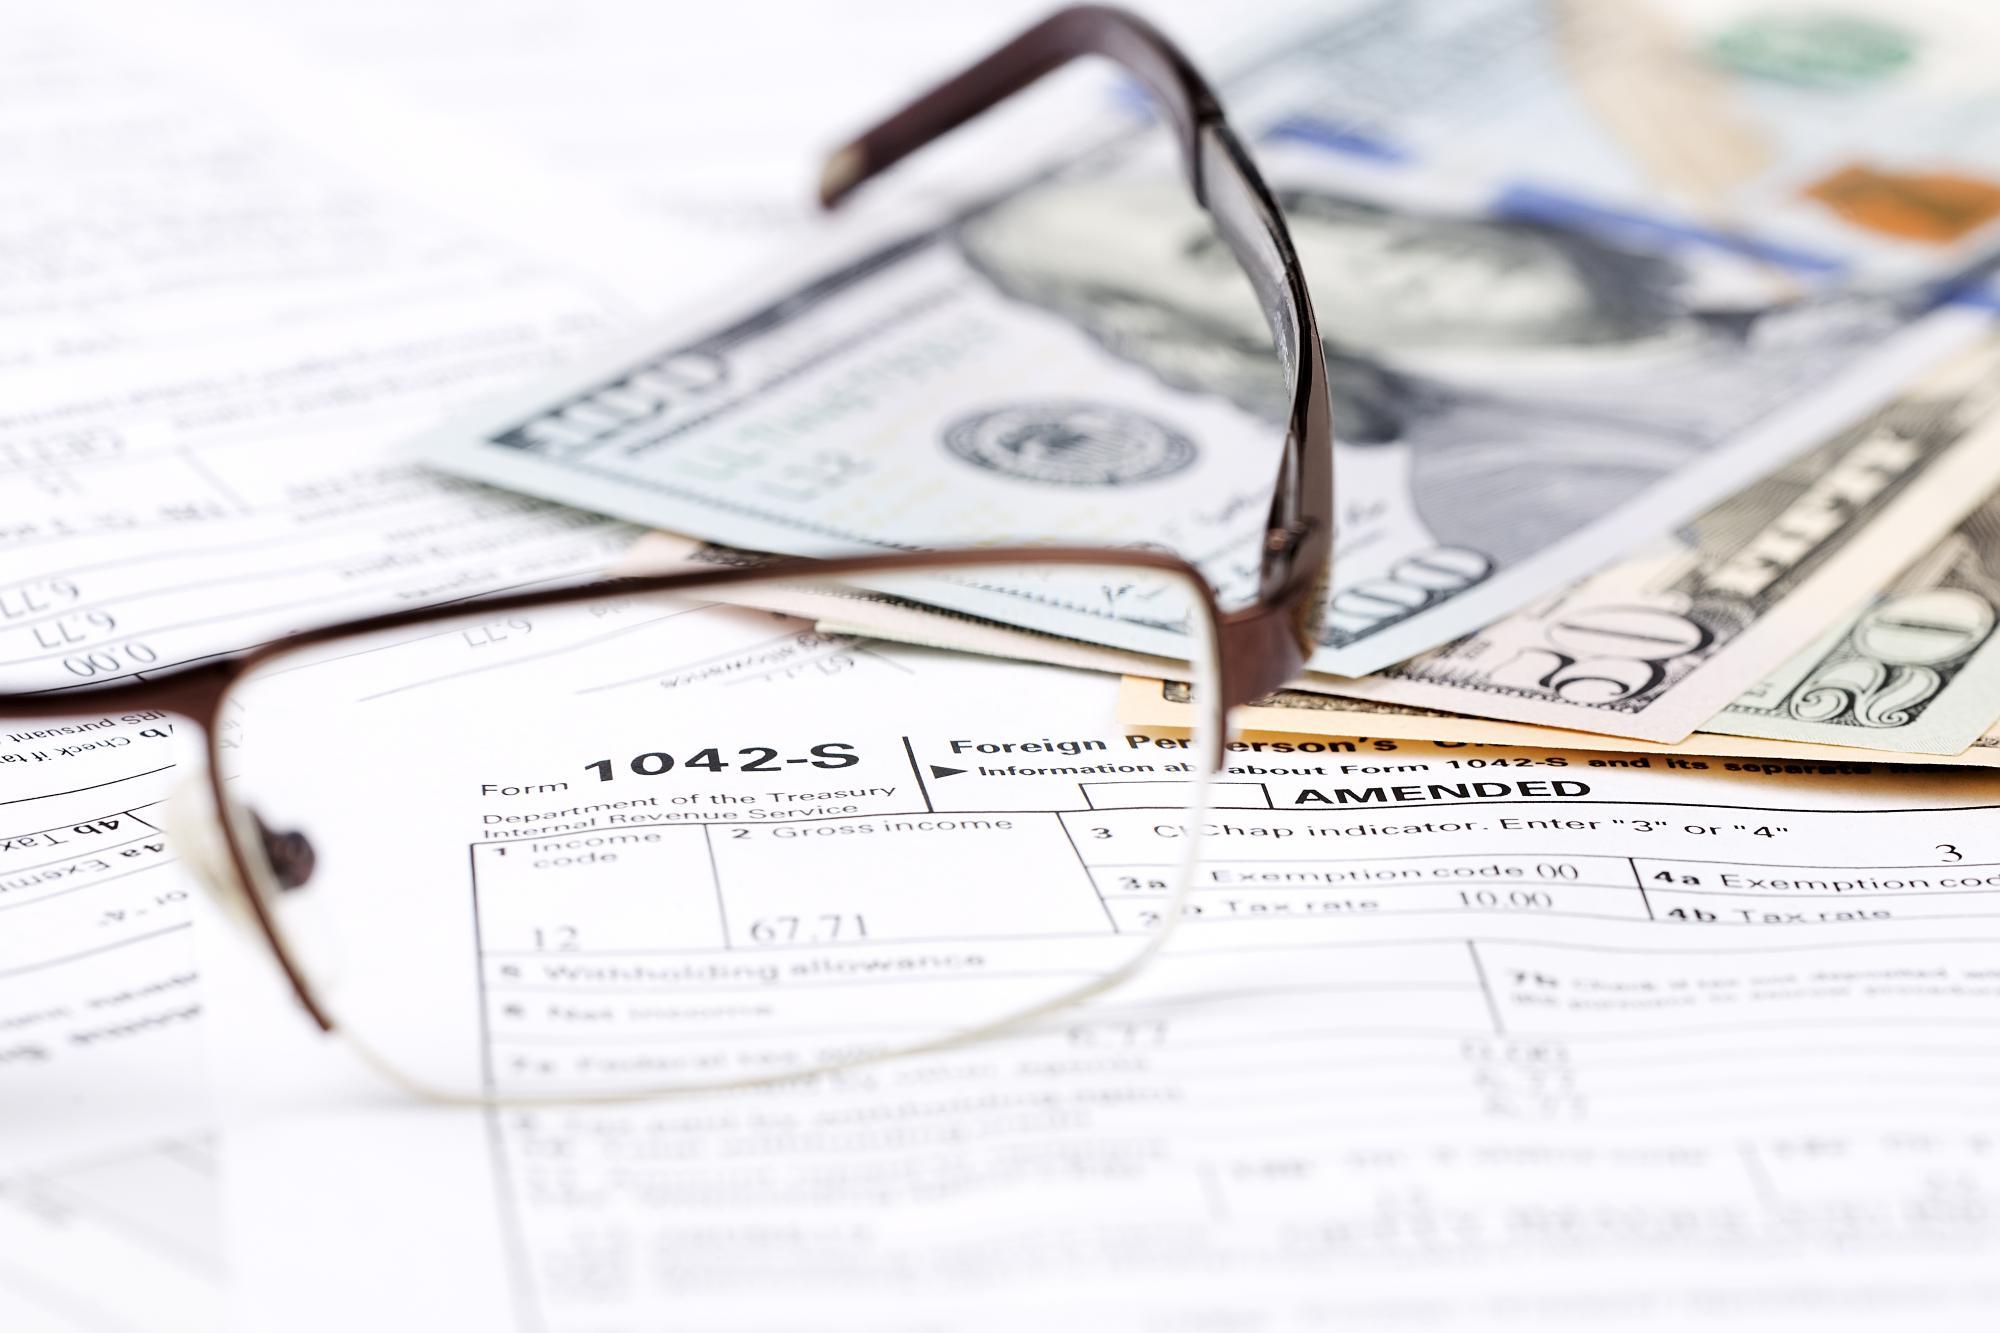 Налоговая служба США (IRS) объявляет о расширении налоговых проверок богатейших налогоплательщиков